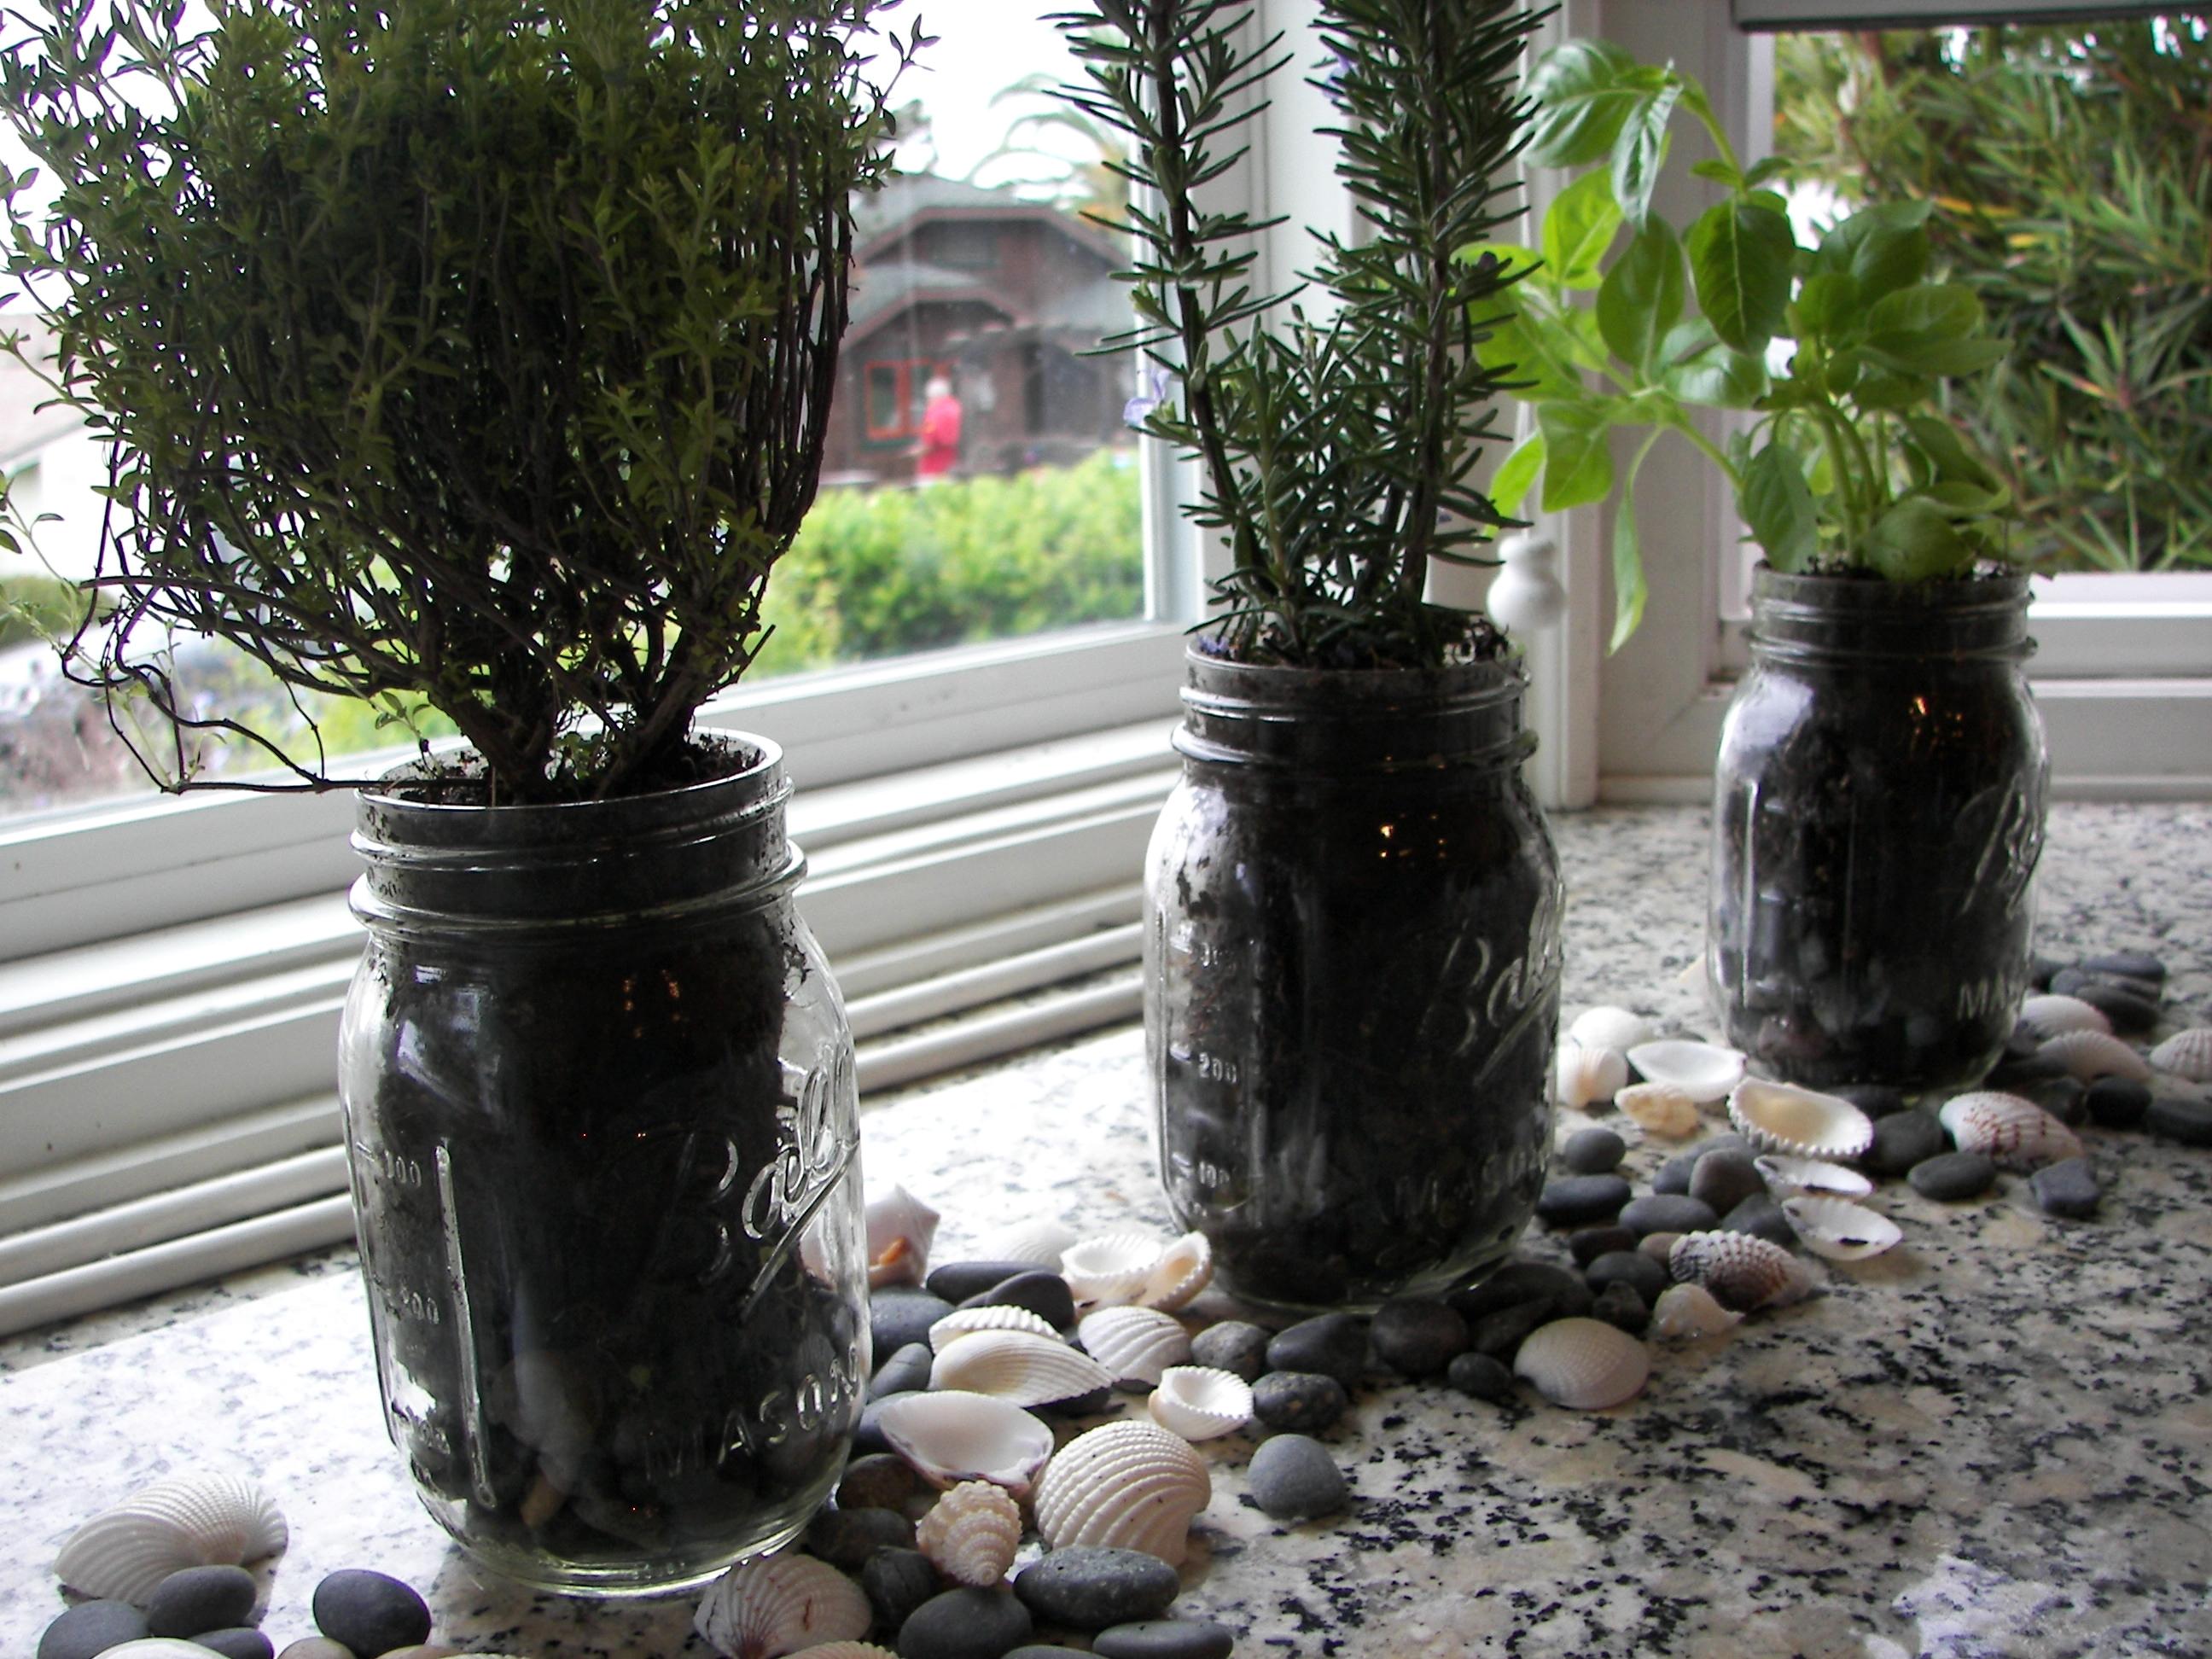 Fullsize Of In House Herb Garden Kit